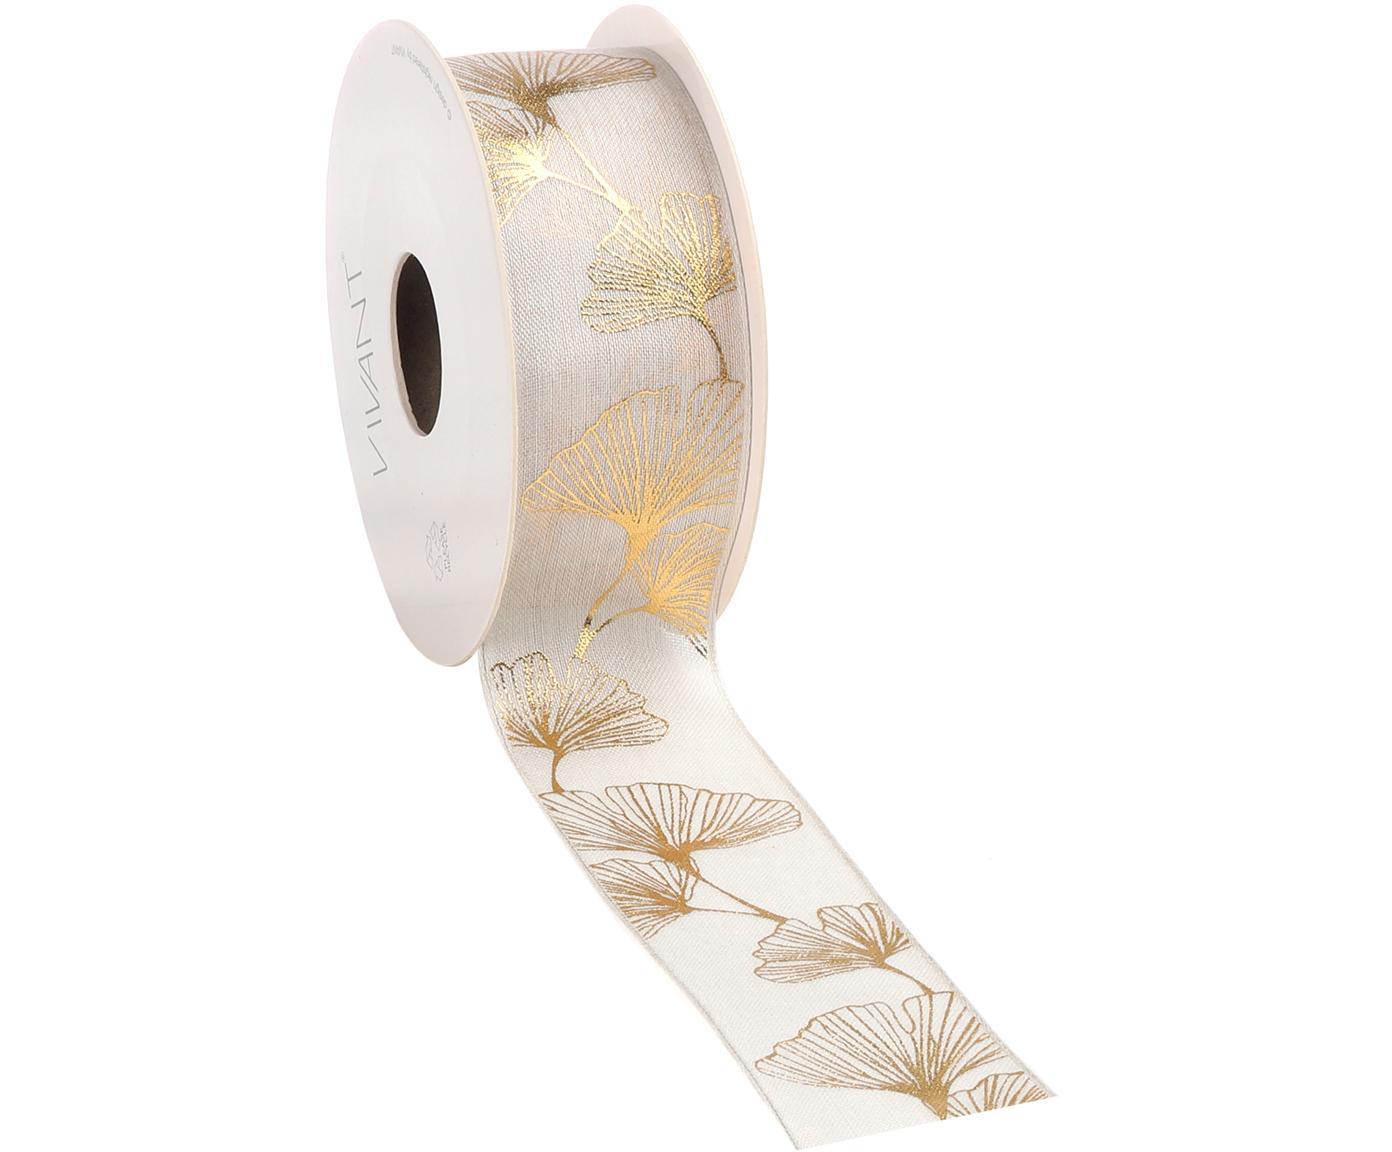 Wstążka prezentowa Gingko, 60% rayon, 35% poliester, 5% drut, Biały, odcienie złotego, S 4 x D 1000 cm